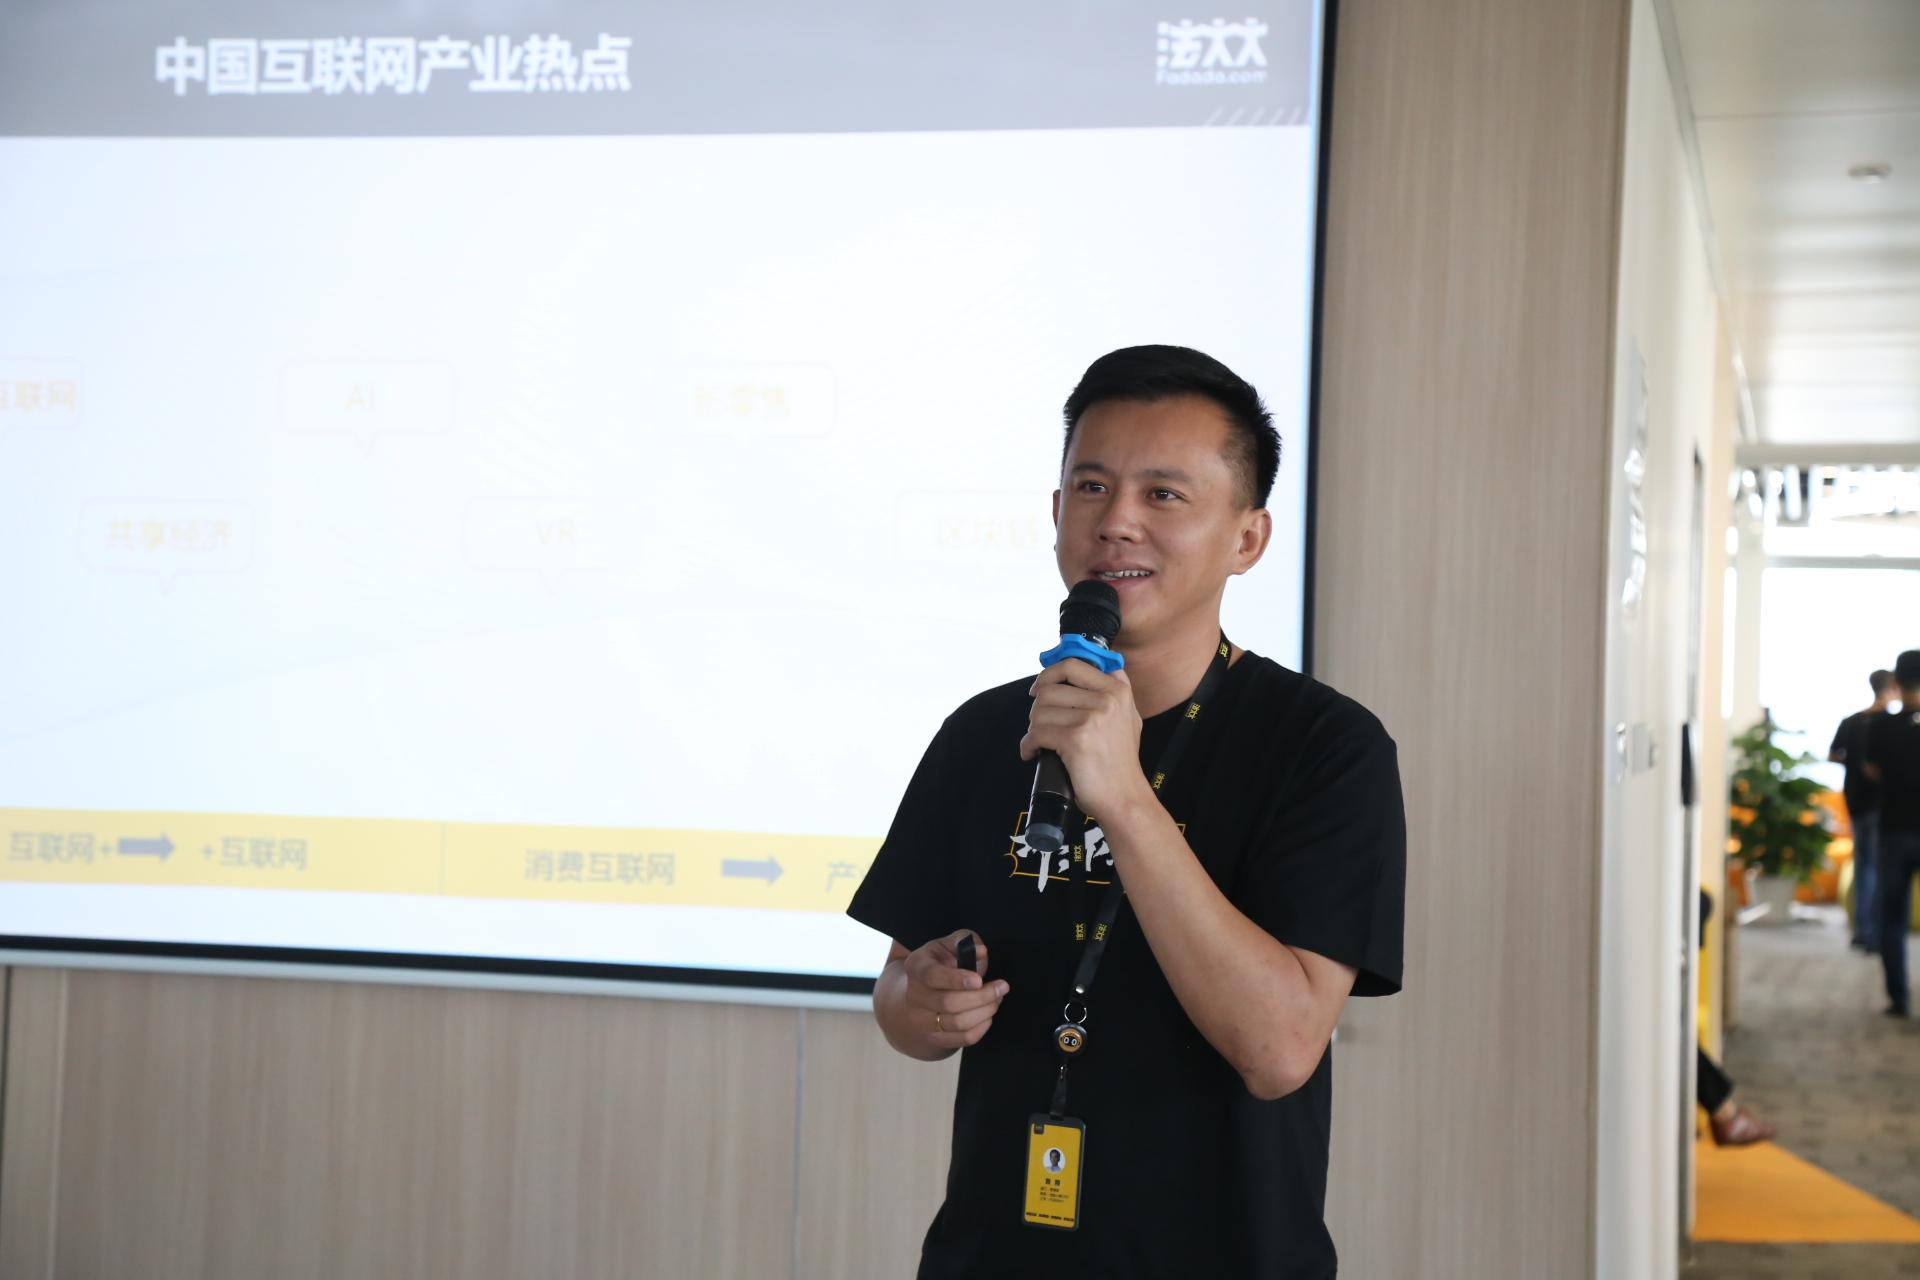 创始人兼CEO黄翔在乔迁仪式上发言